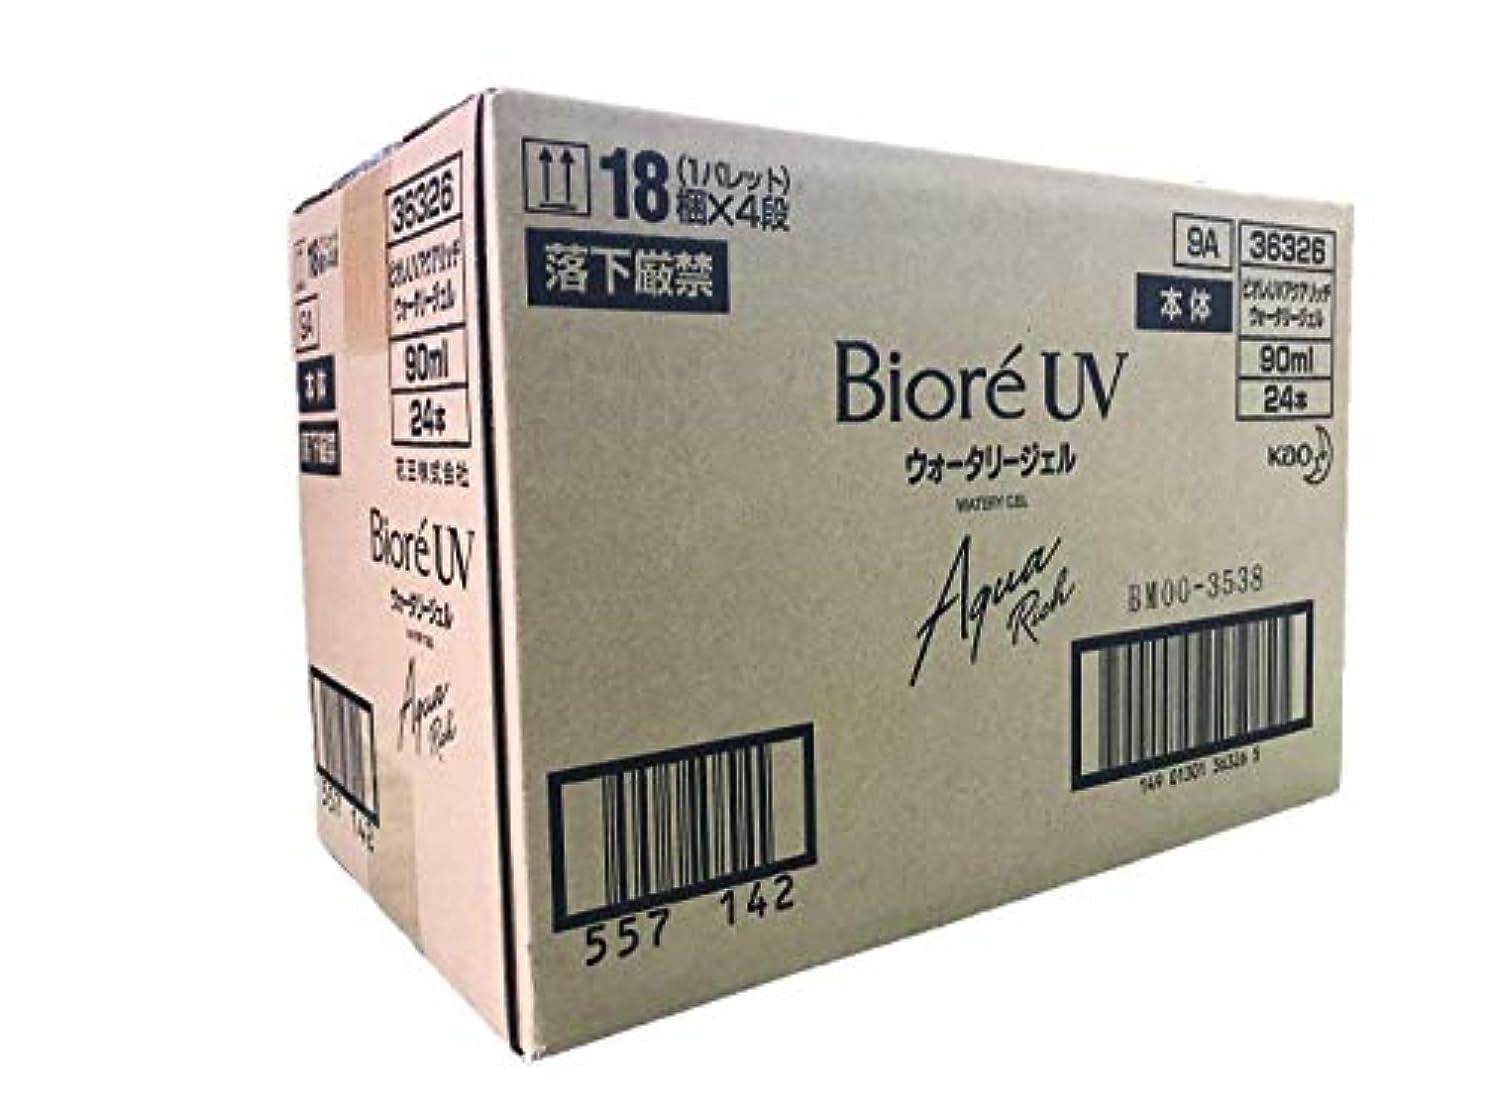 突撃不良トンネル【まとめ販売24個セット】ビオレ UV アクアリッチ ウォータリージェル SPF50+